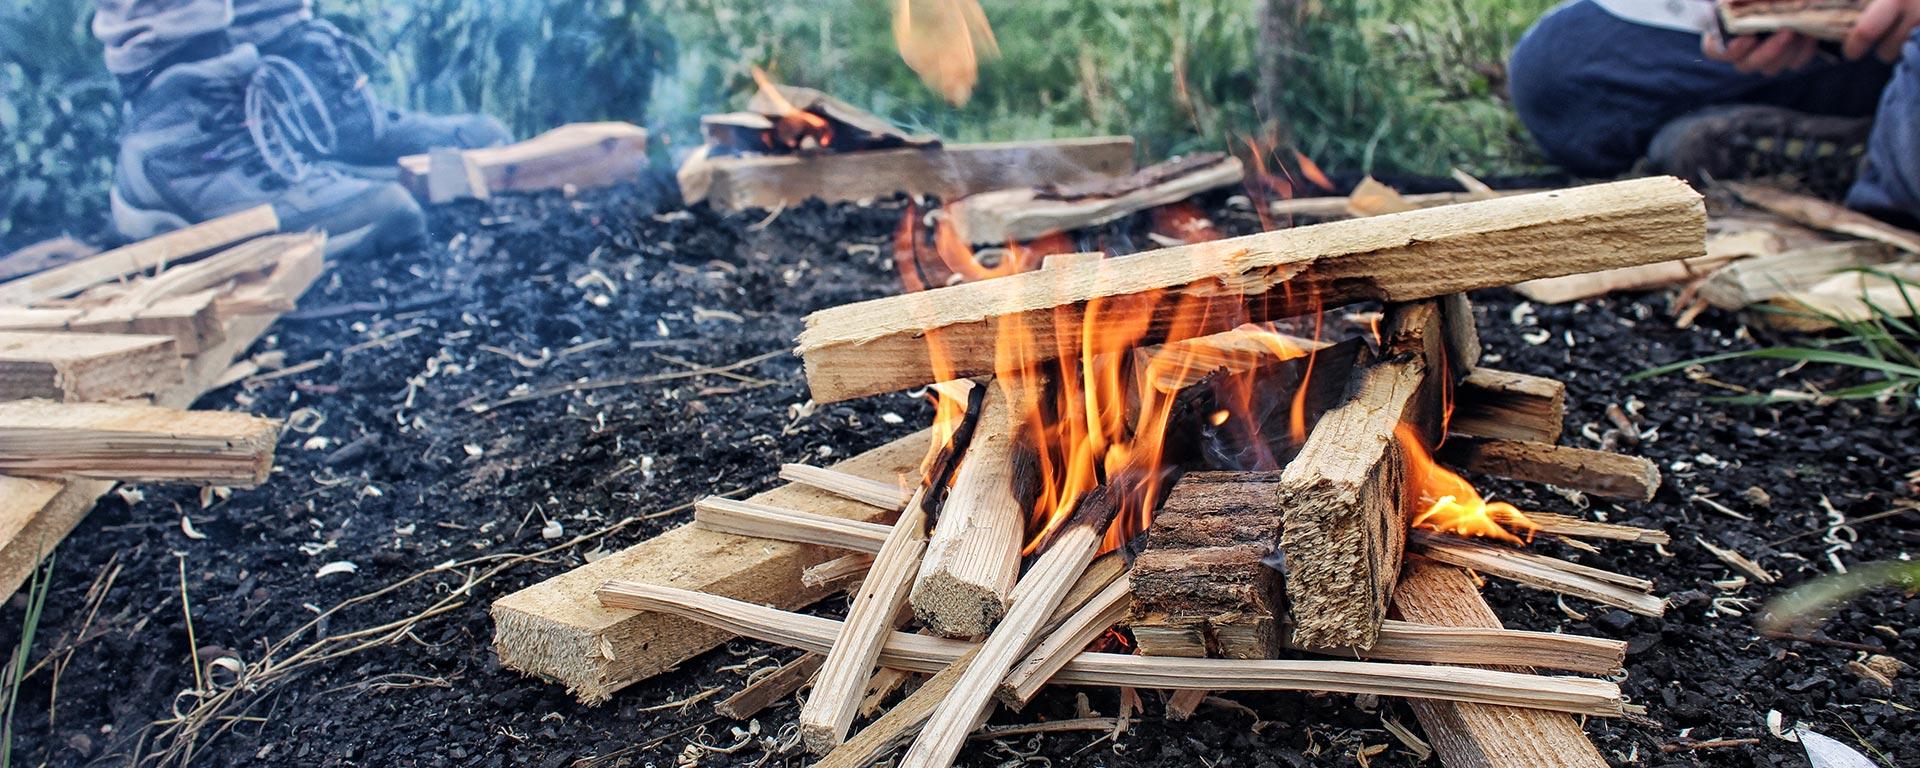 Ein Feuer mit einem Streichholz?